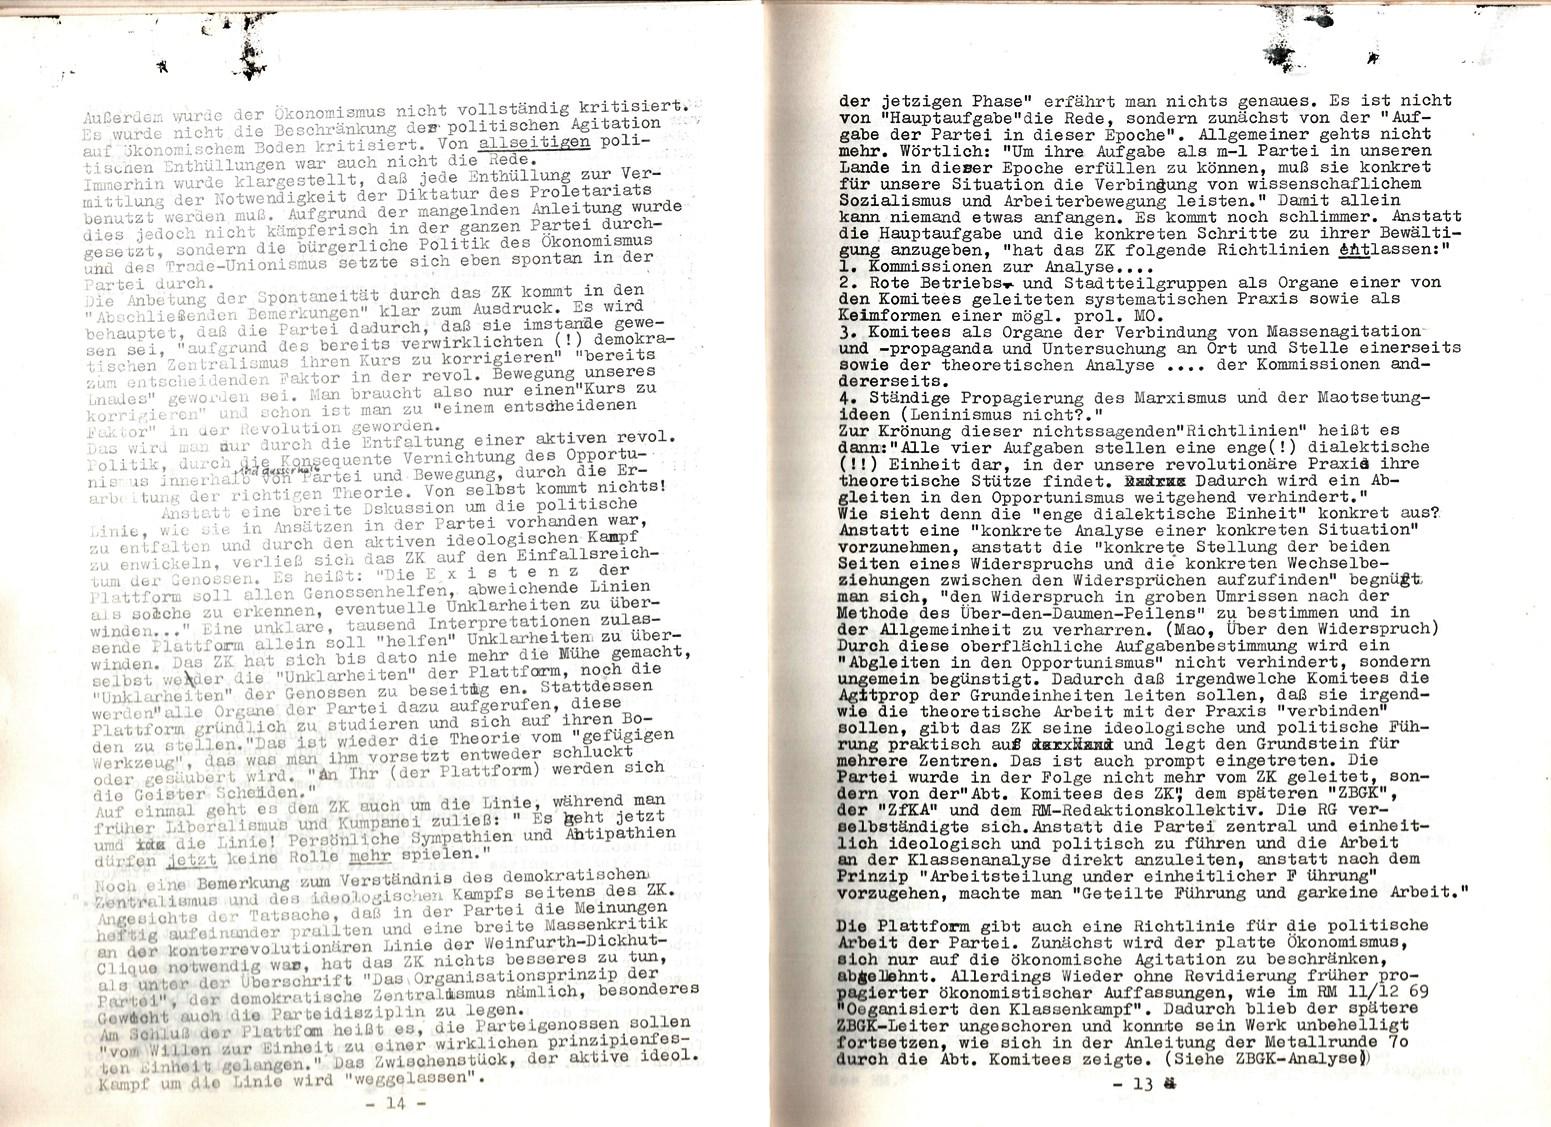 KPDML_1971_Analysen_und_Antraege_des_LV_Sued_West_012